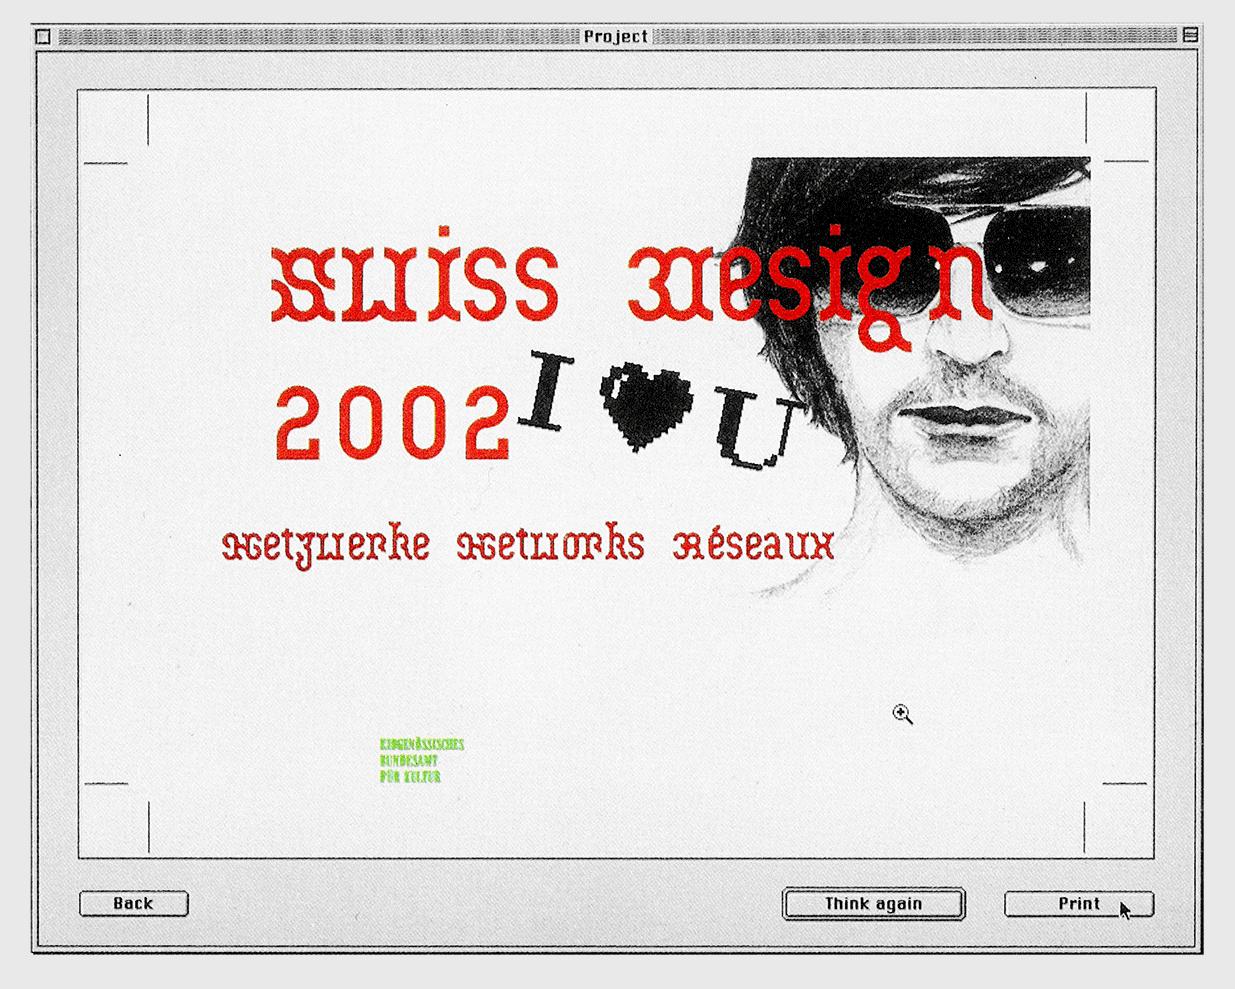 Générateur de flyers et affichettes pour Mac OS 9 dont les options de composition sont ironiques. Prix fédéral des arts appliqués 2002. Images tirée du catalogue «Swiss Design 2002». Dans le cadre de Schönwehrs.